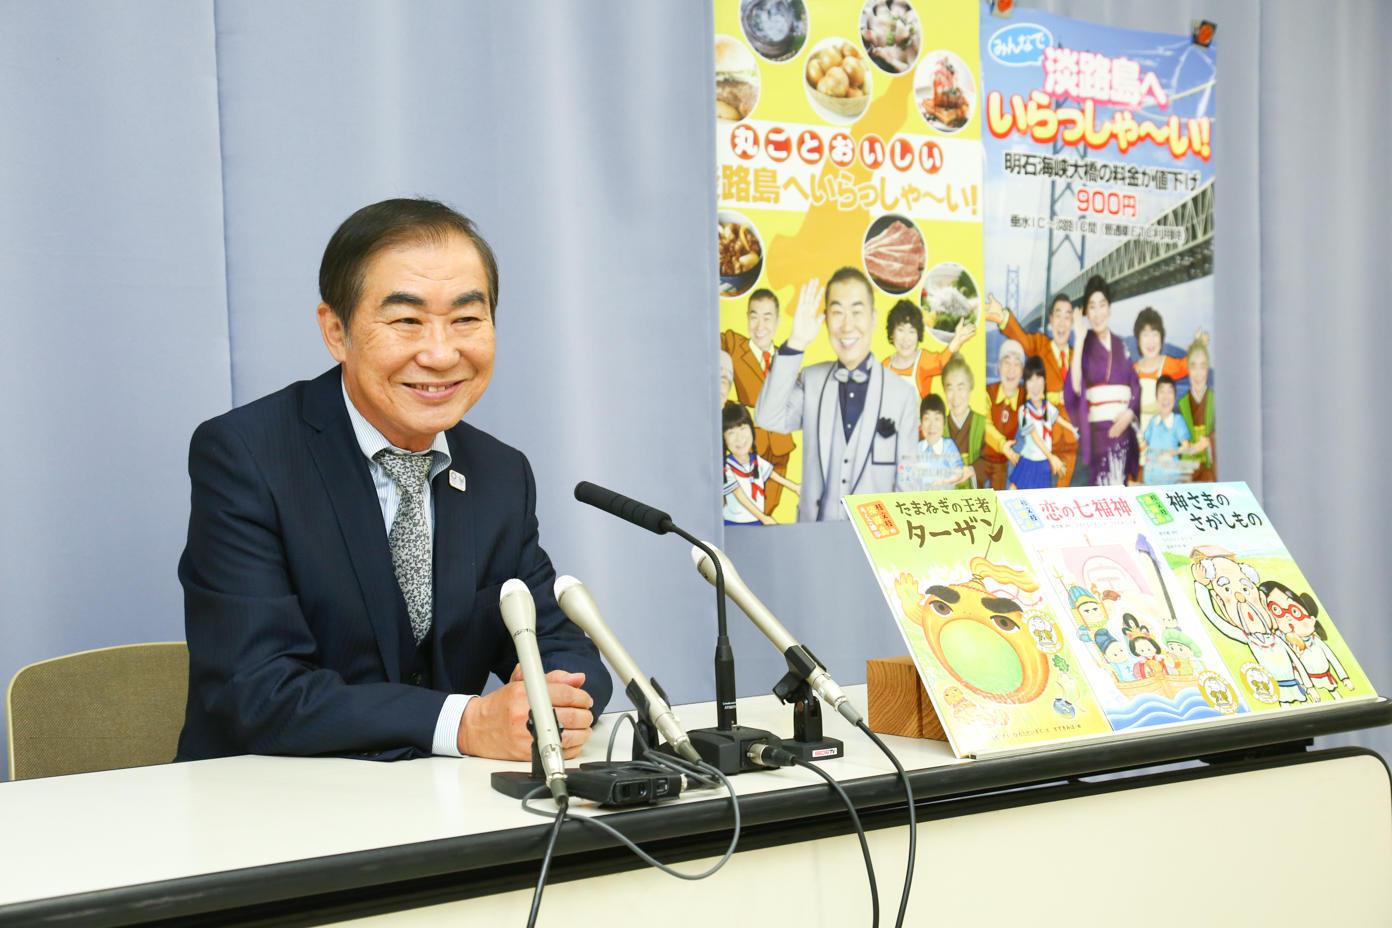 http://news.yoshimoto.co.jp/20170913180832-f9c04048c49b152043cf9e231c368422d25bee6a.jpg